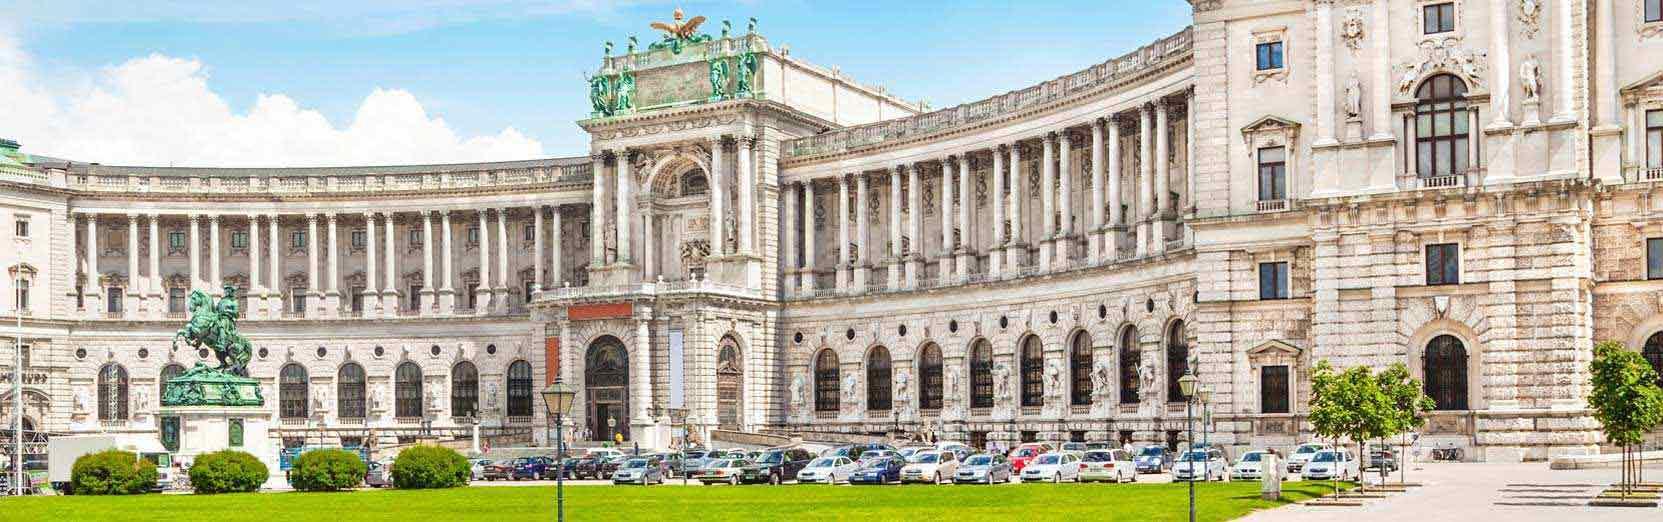 Auto mieten in Wien